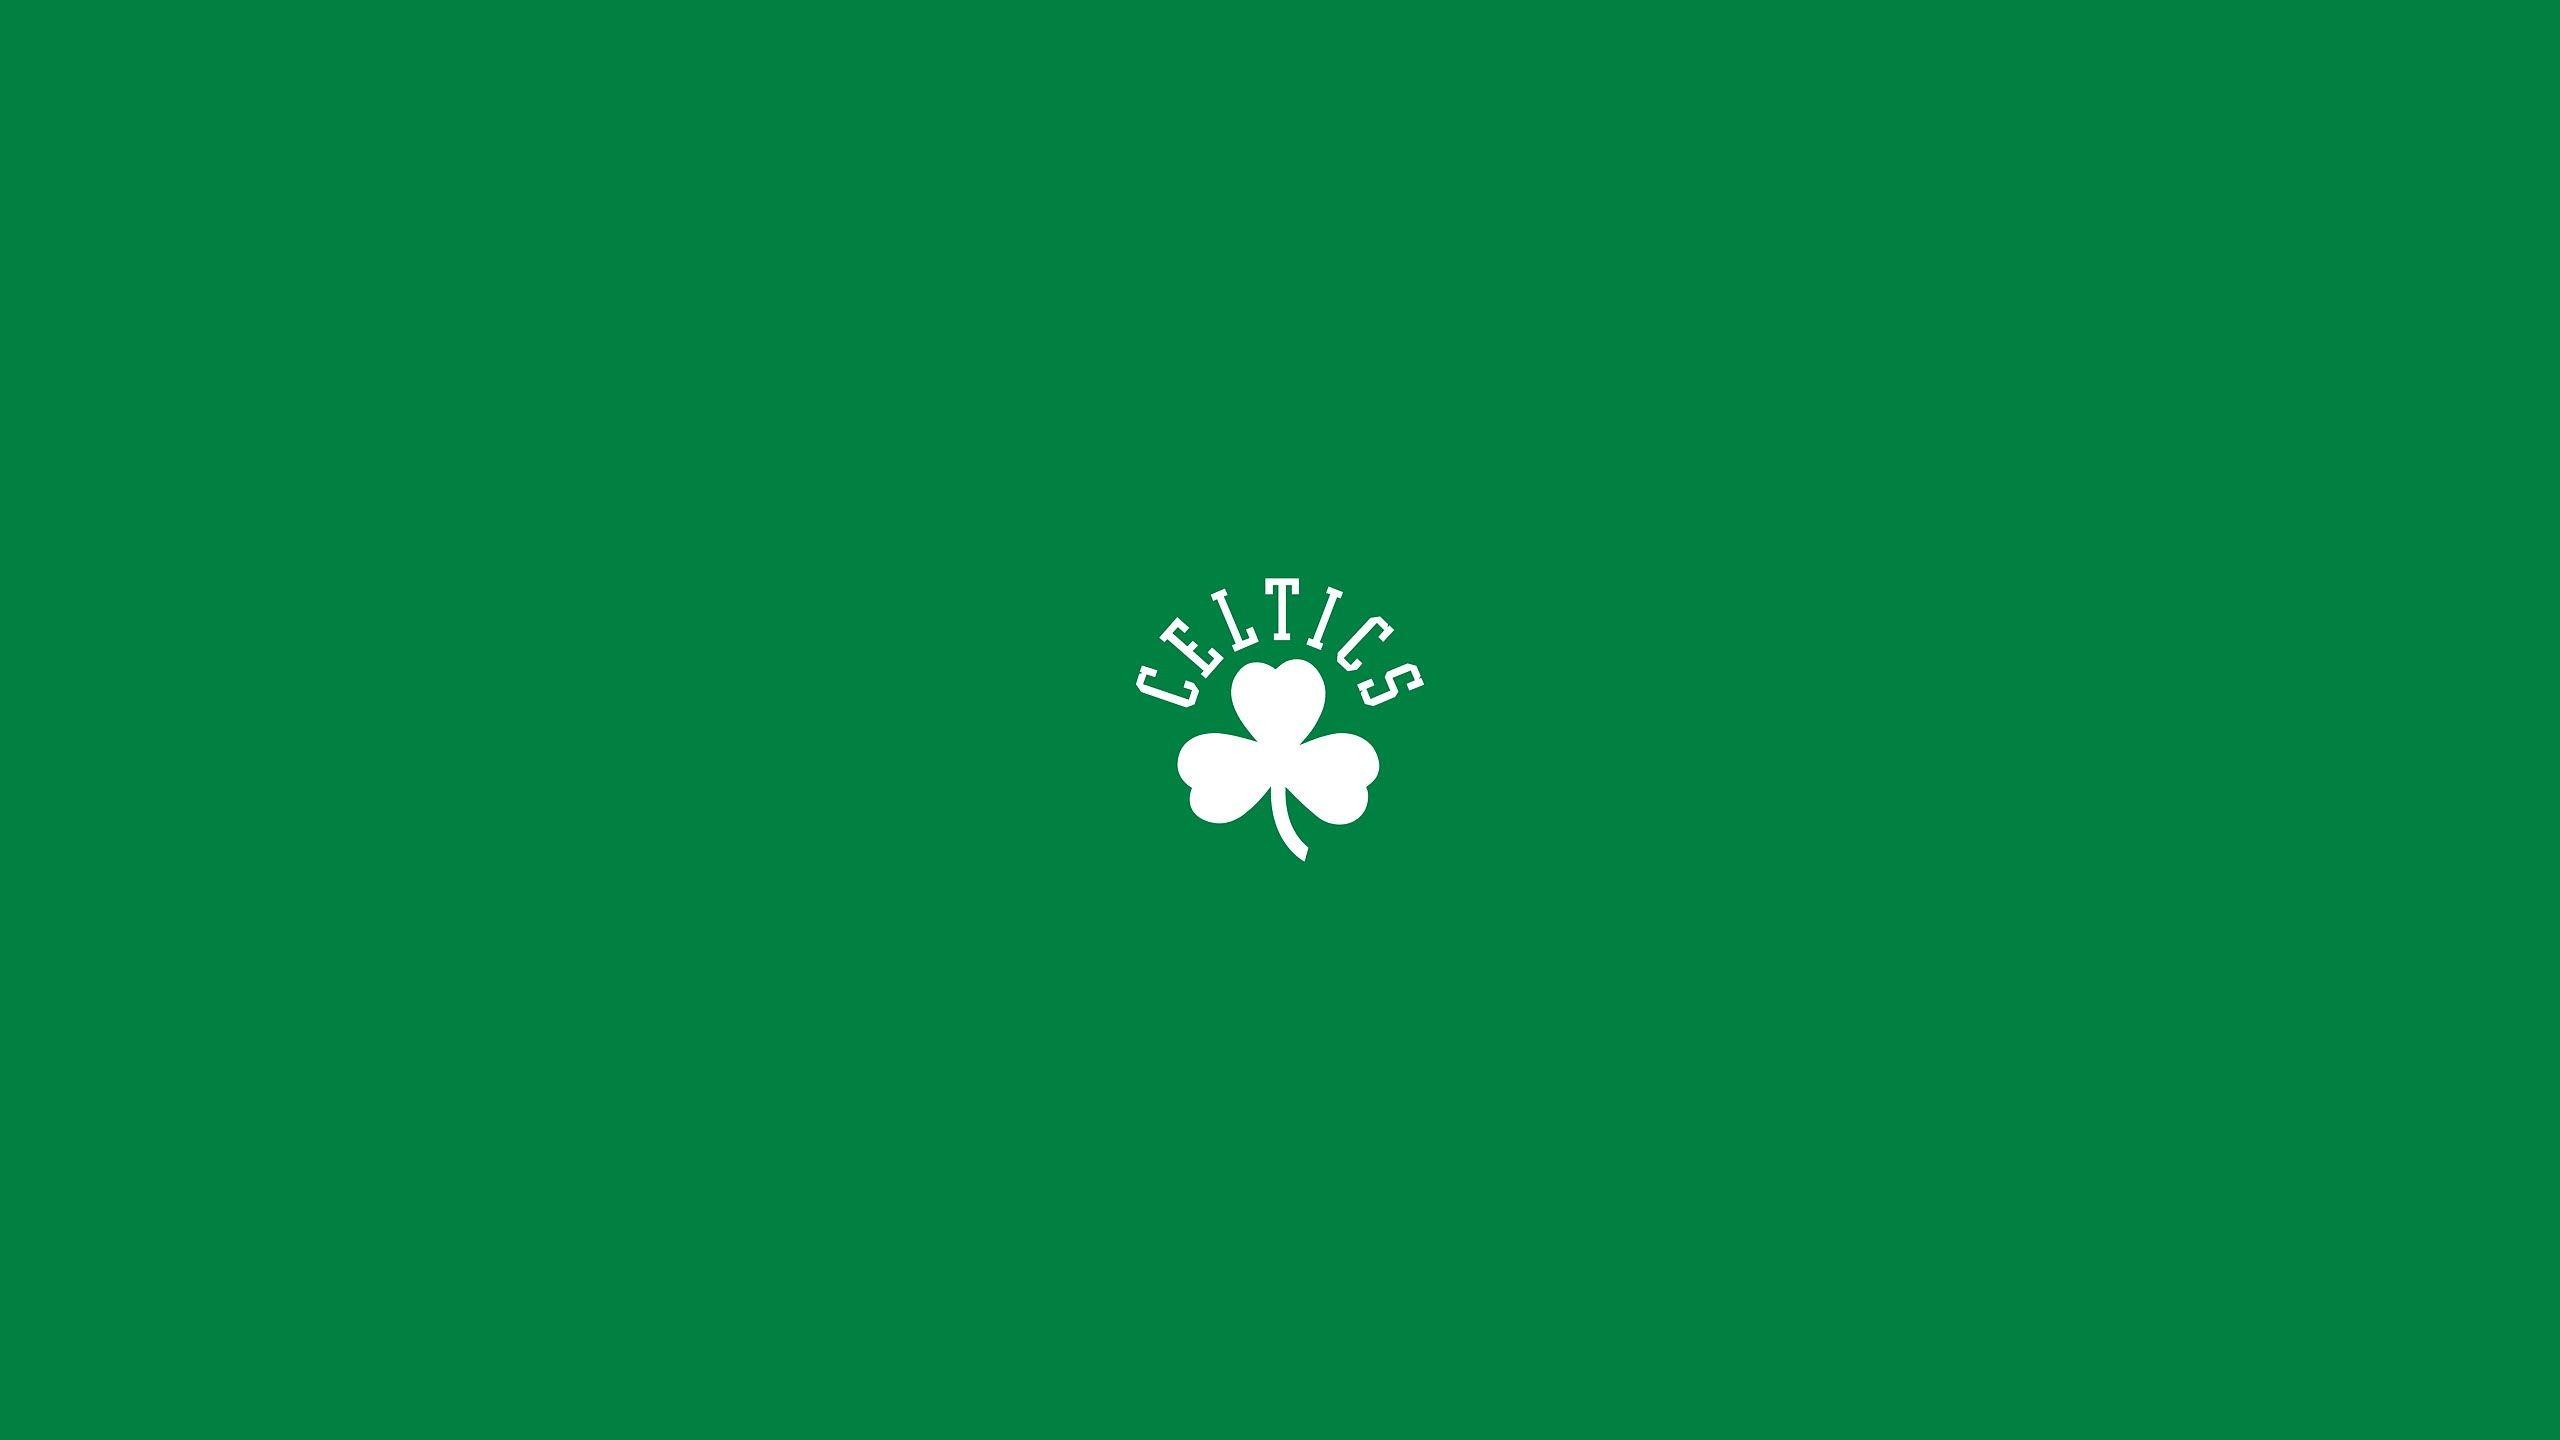 Celtics logo wallpaper 1, 2, 3, 4